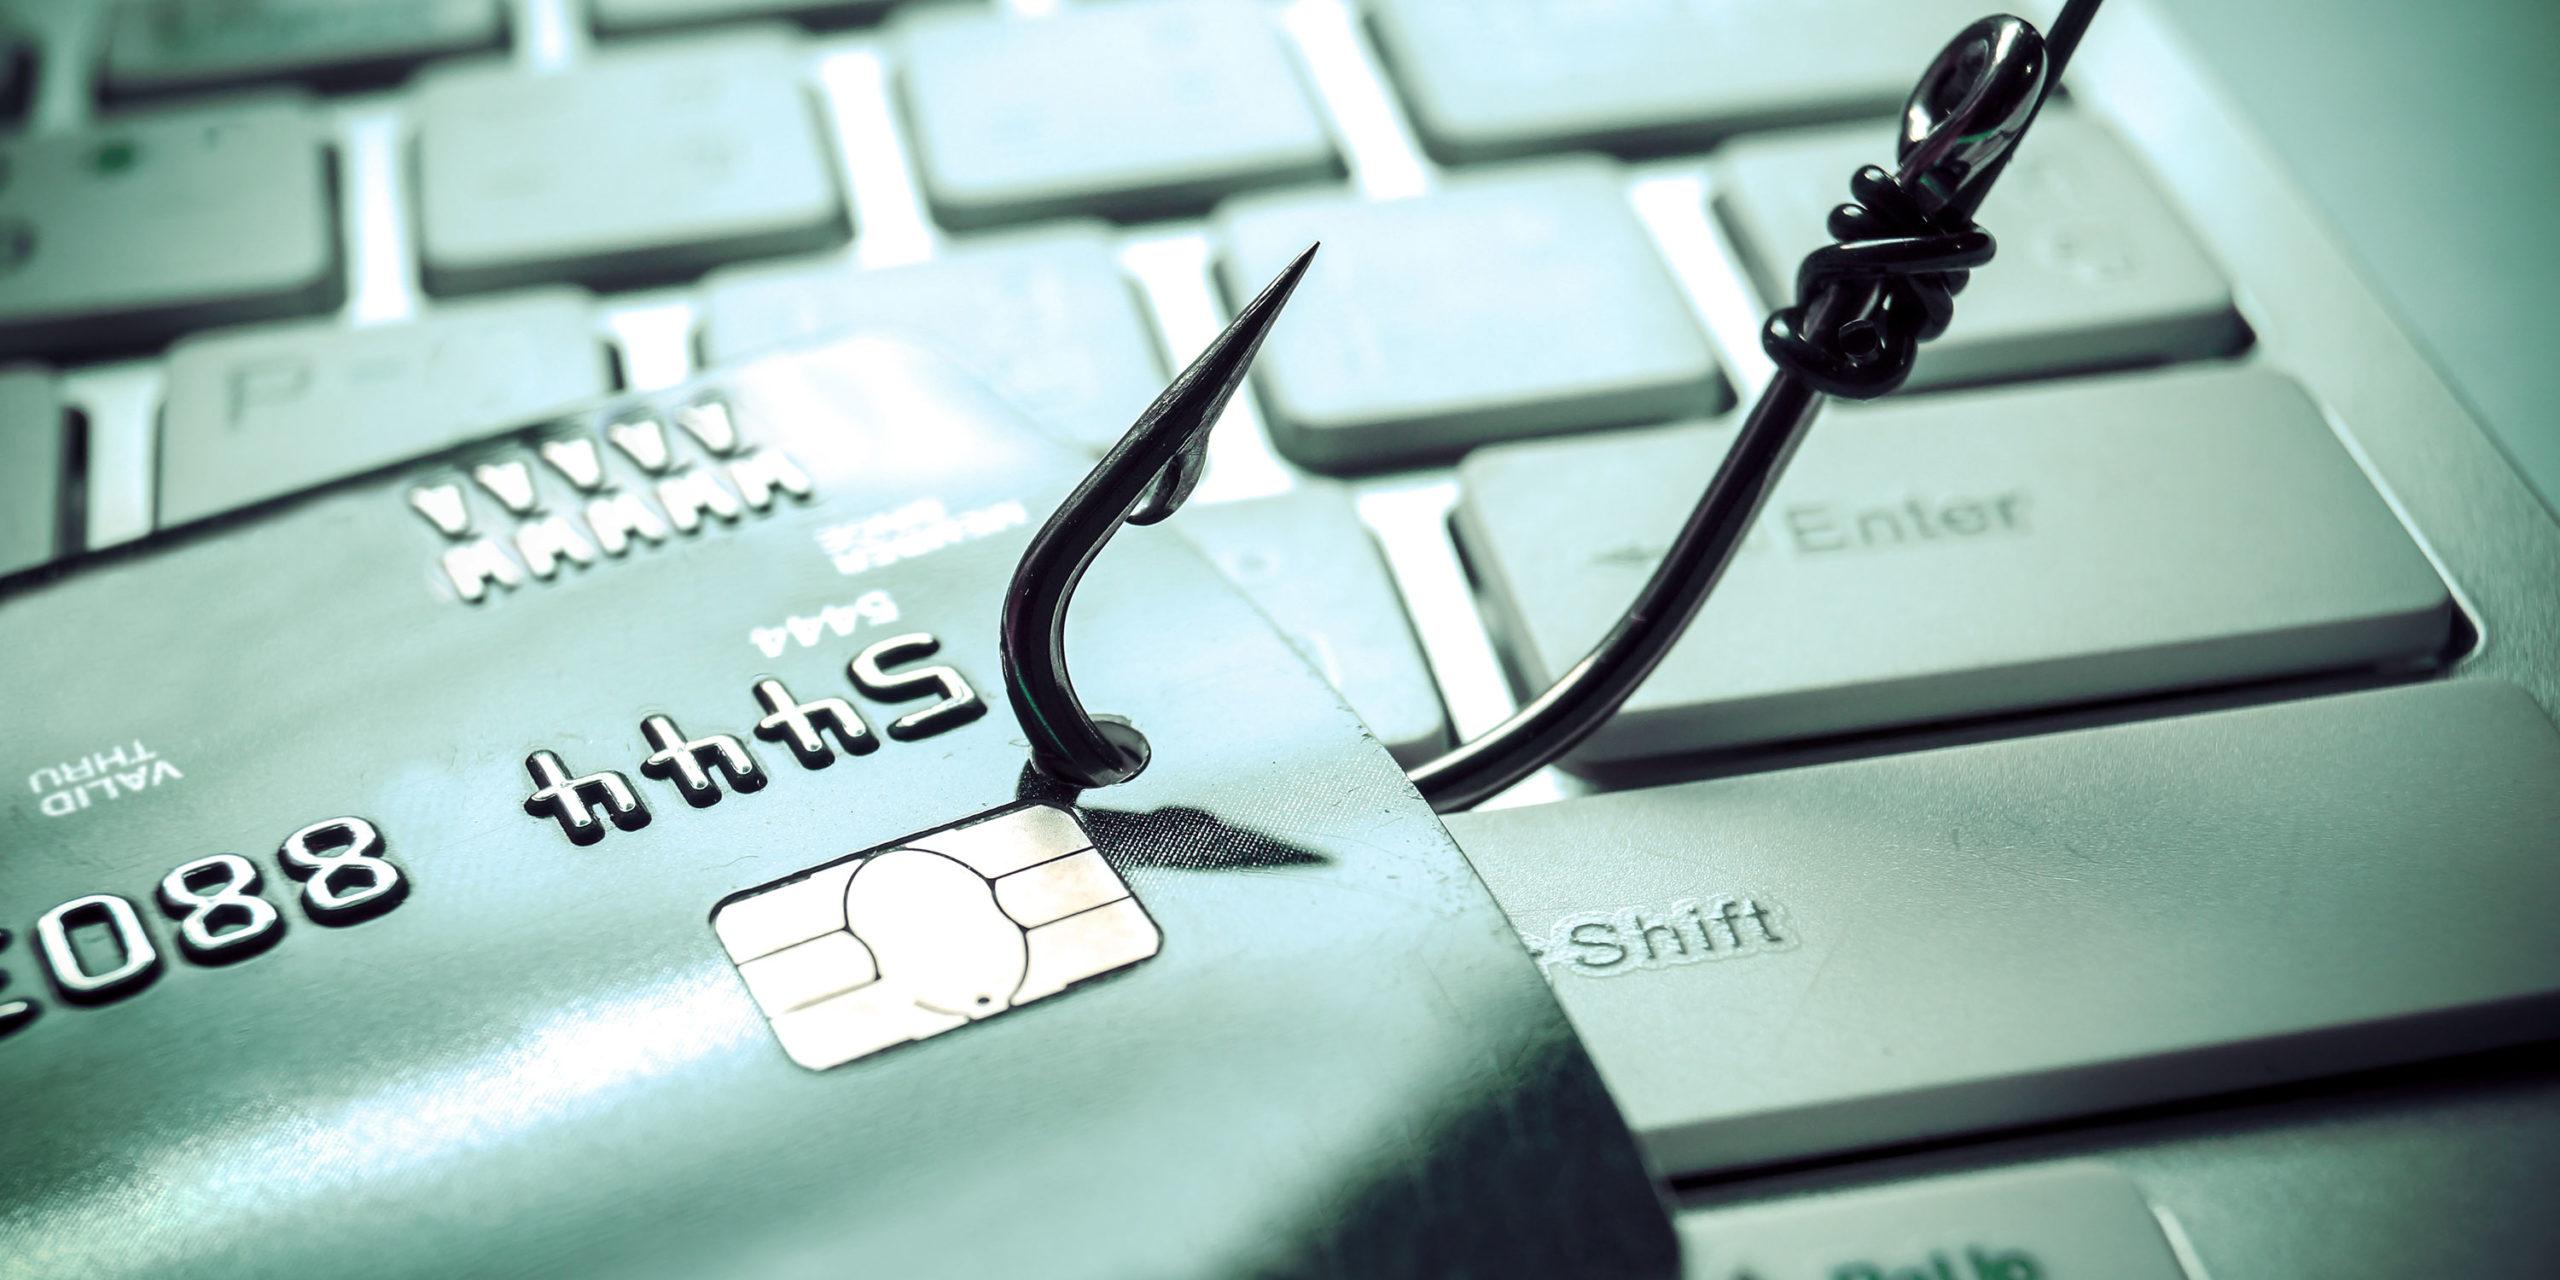 Arnaques internet: Les banques polynésiennes alertent sur le risque croissant de phishing